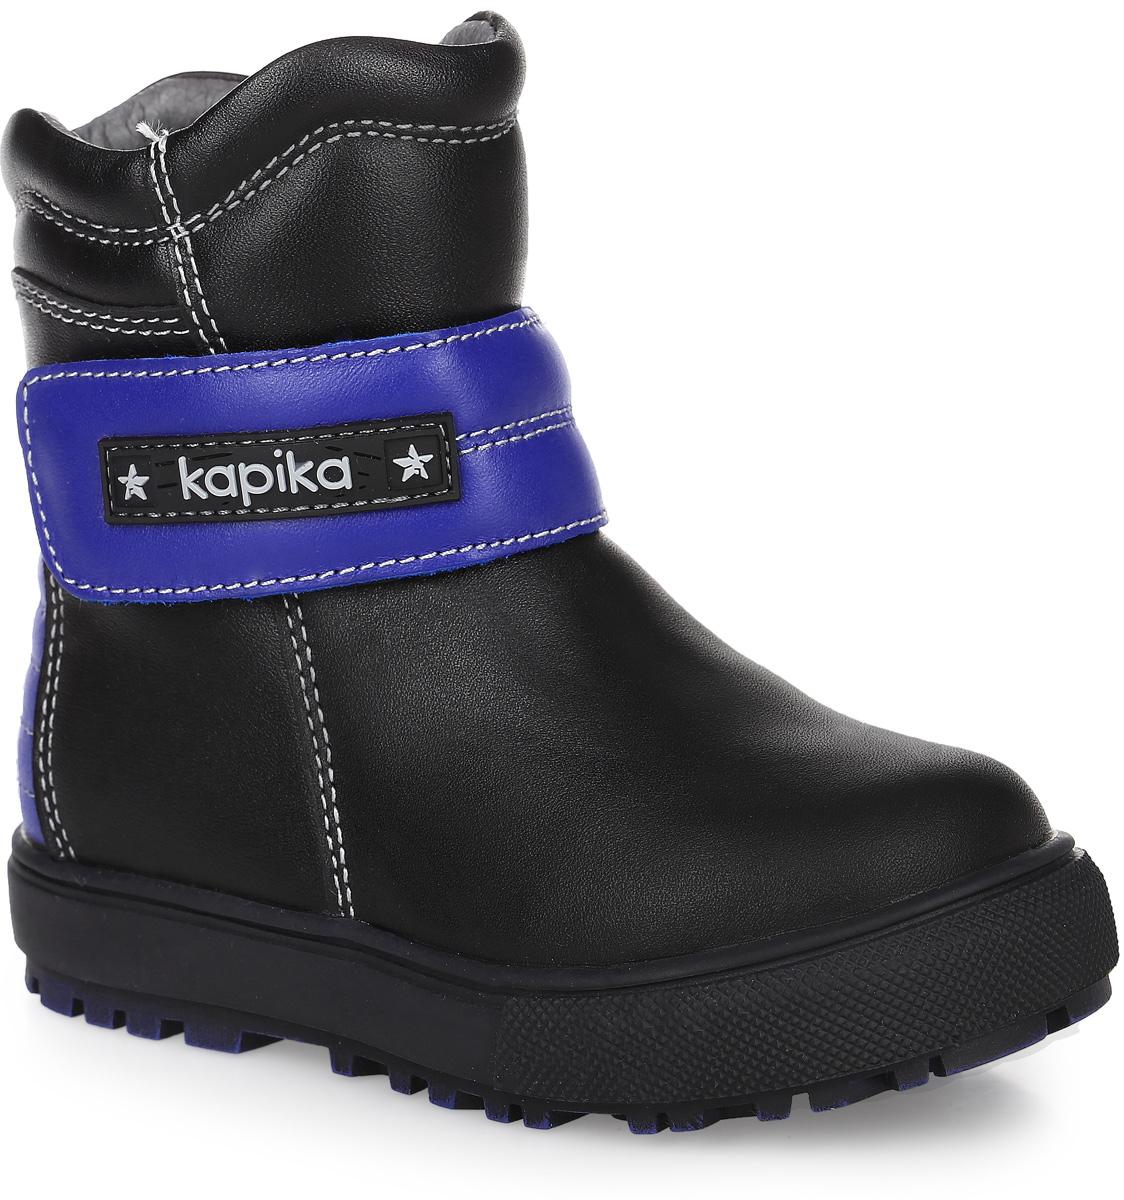 62083ш-1Стильные полусапоги от Kapika заинтересуют вашего мальчика с первого взгляда. Модель выполнена из натуральной кожи, на щиколотке ремешок контрастного цвета с застежкой-липучкой. Изделие на застежке-молнии, что способствует надежной фиксации на ноге. Задник декорирован вставкой контрастного цвета, оформленной прострочкой. Подкладка, изготовленная из натуральной шерсти, обладает такой же тепло- и воздухо проводимостью, как и натуральный мех - овчина, а также легче, чем натуральный и более устойчивый к истиранию, текстильная основа шерстяного меха не задерживает влагу, в отличии от мездры(основы меха), поэтому обувь легко просушить в случае намокания, по верху подкладка выполнена из натуральной кожи. Подошва оснащена рифлением для лучшей сцепки с поверхностью. Чудесные полусапоги займут достойное место в гардеробе вашего ребенка.